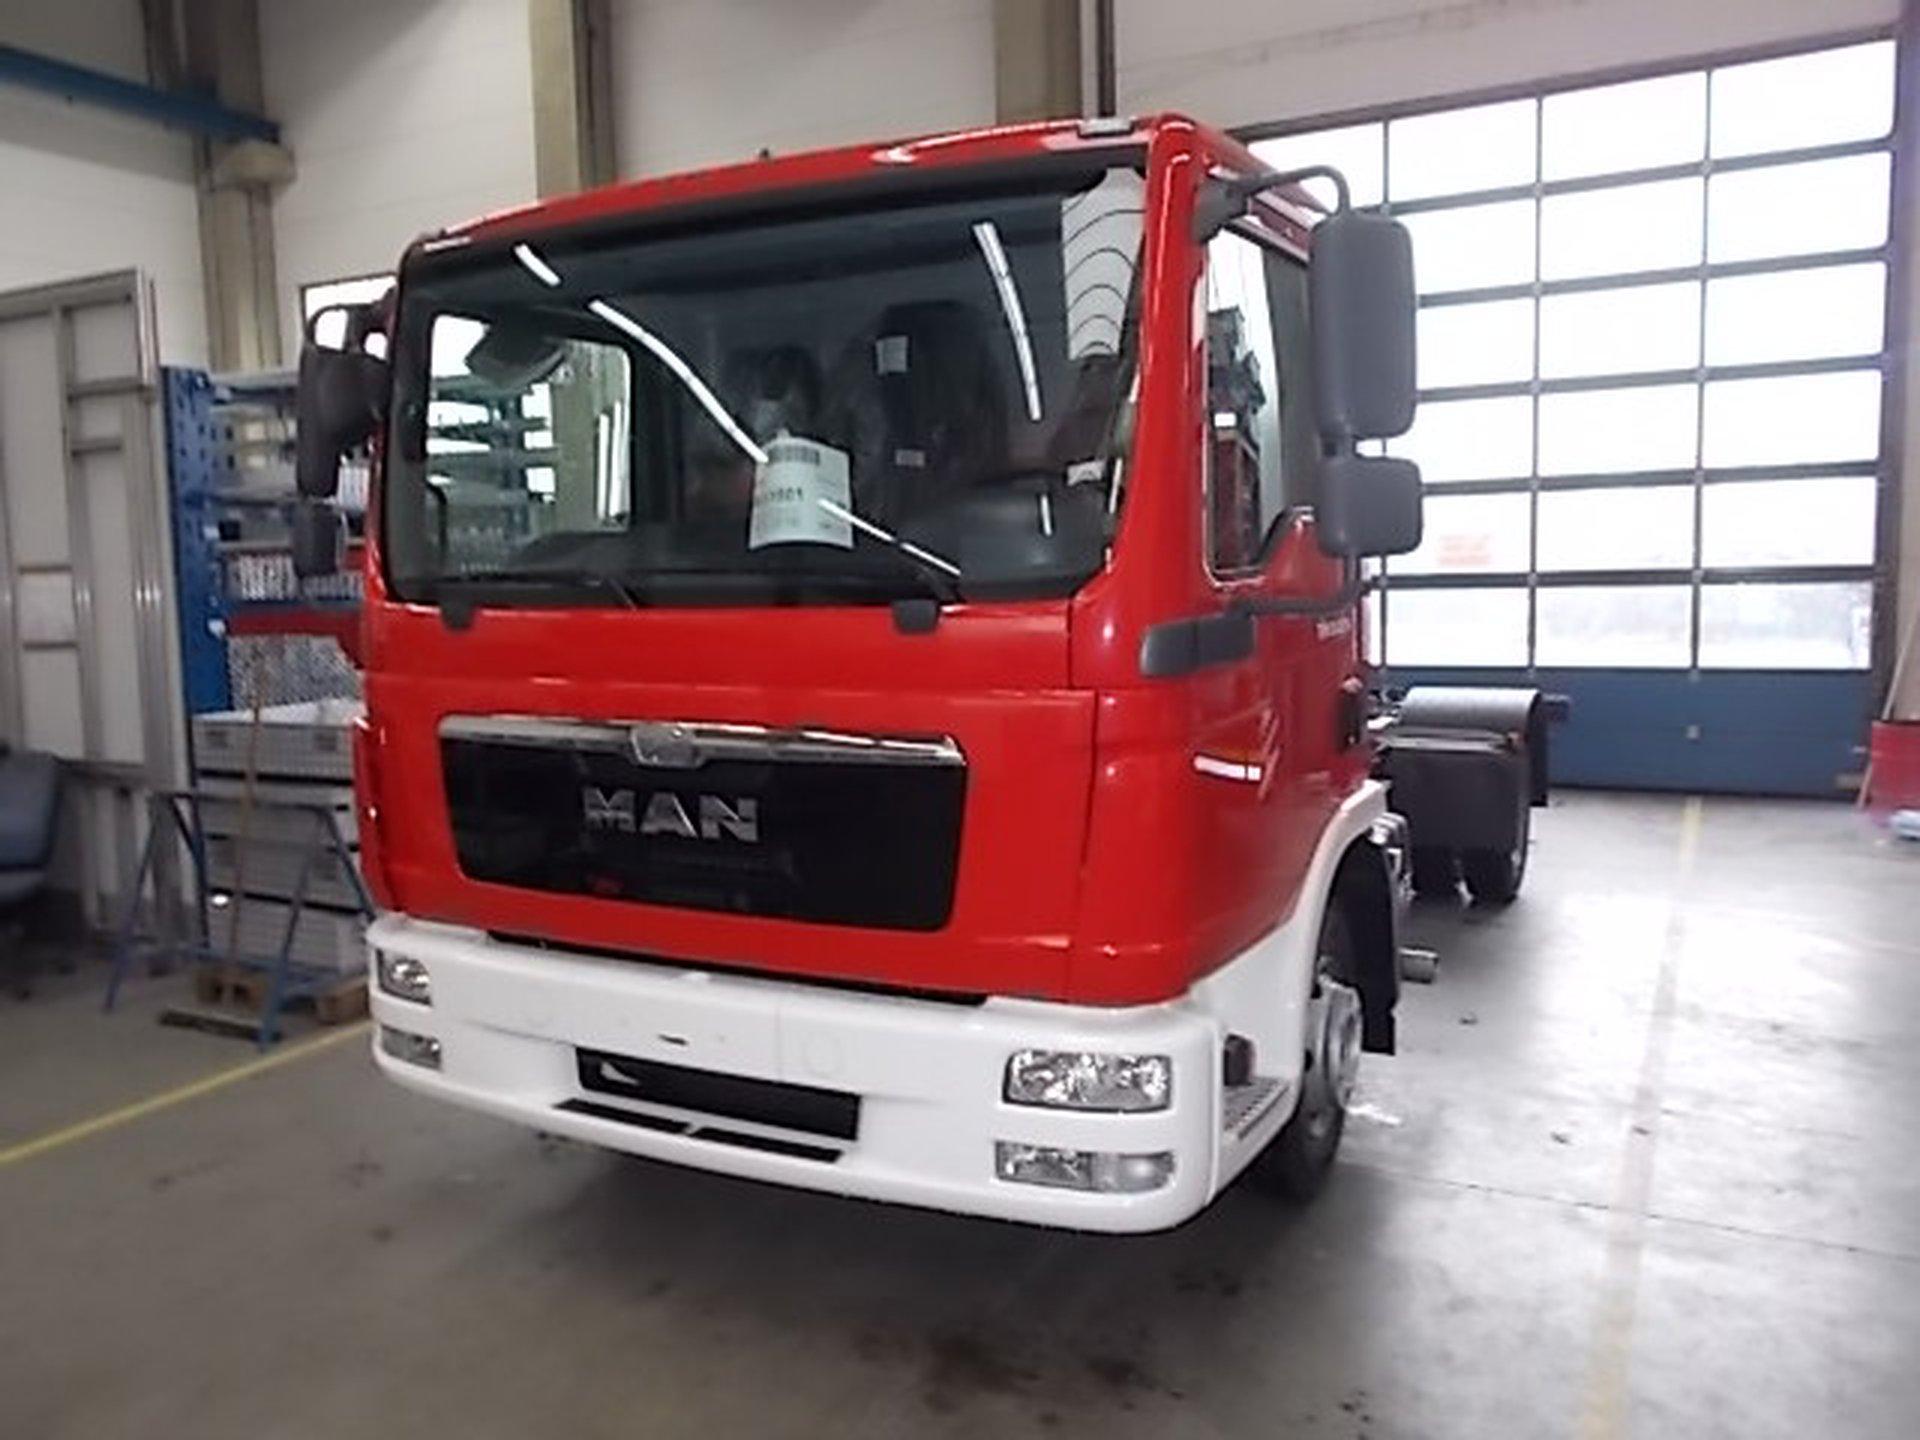 FF Markt Nennslingen - Beschaffung Gerätewagen Logistik 1